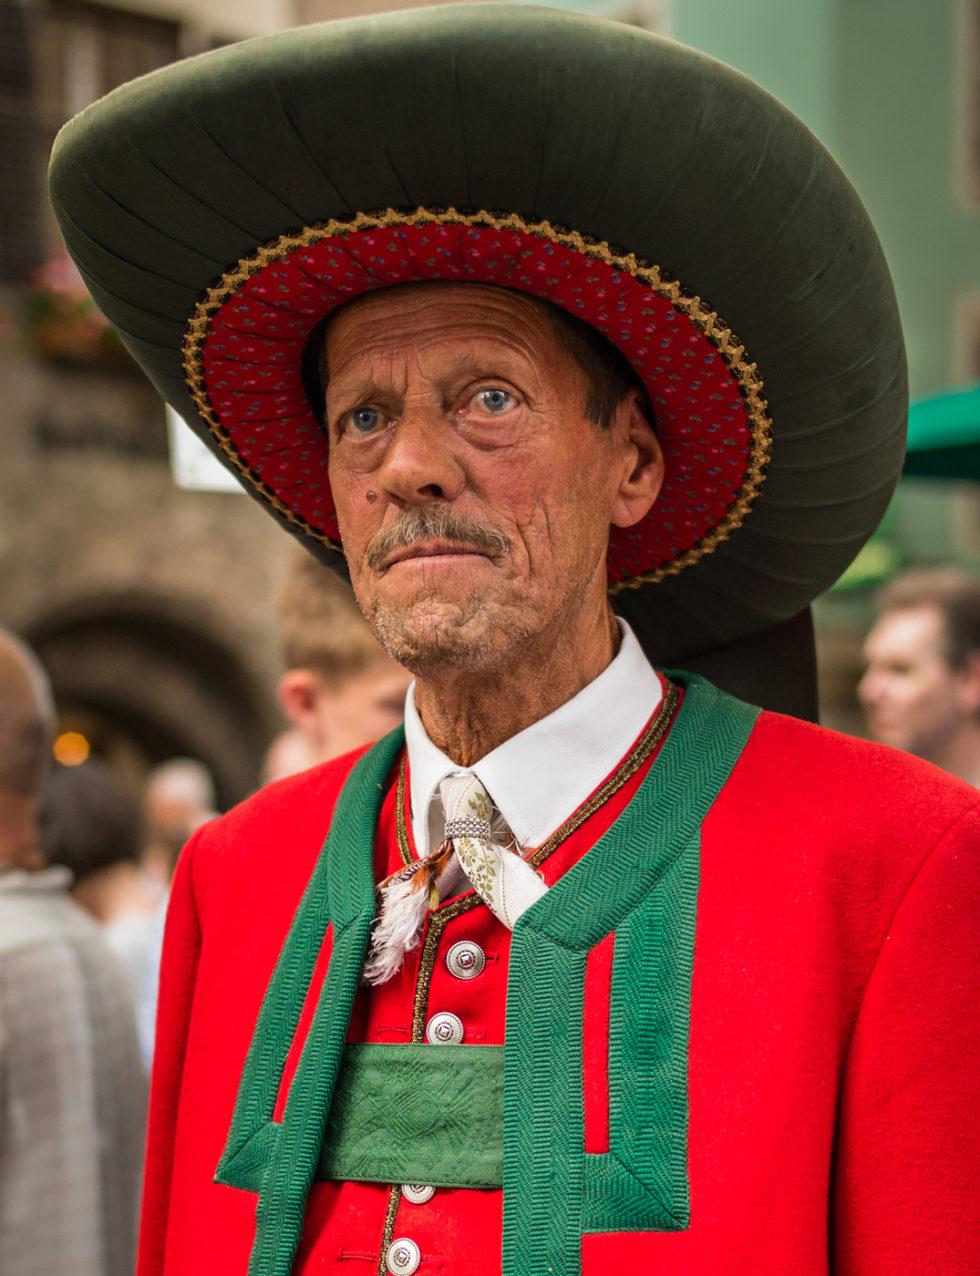 Innsbruck, Austria Festival #2